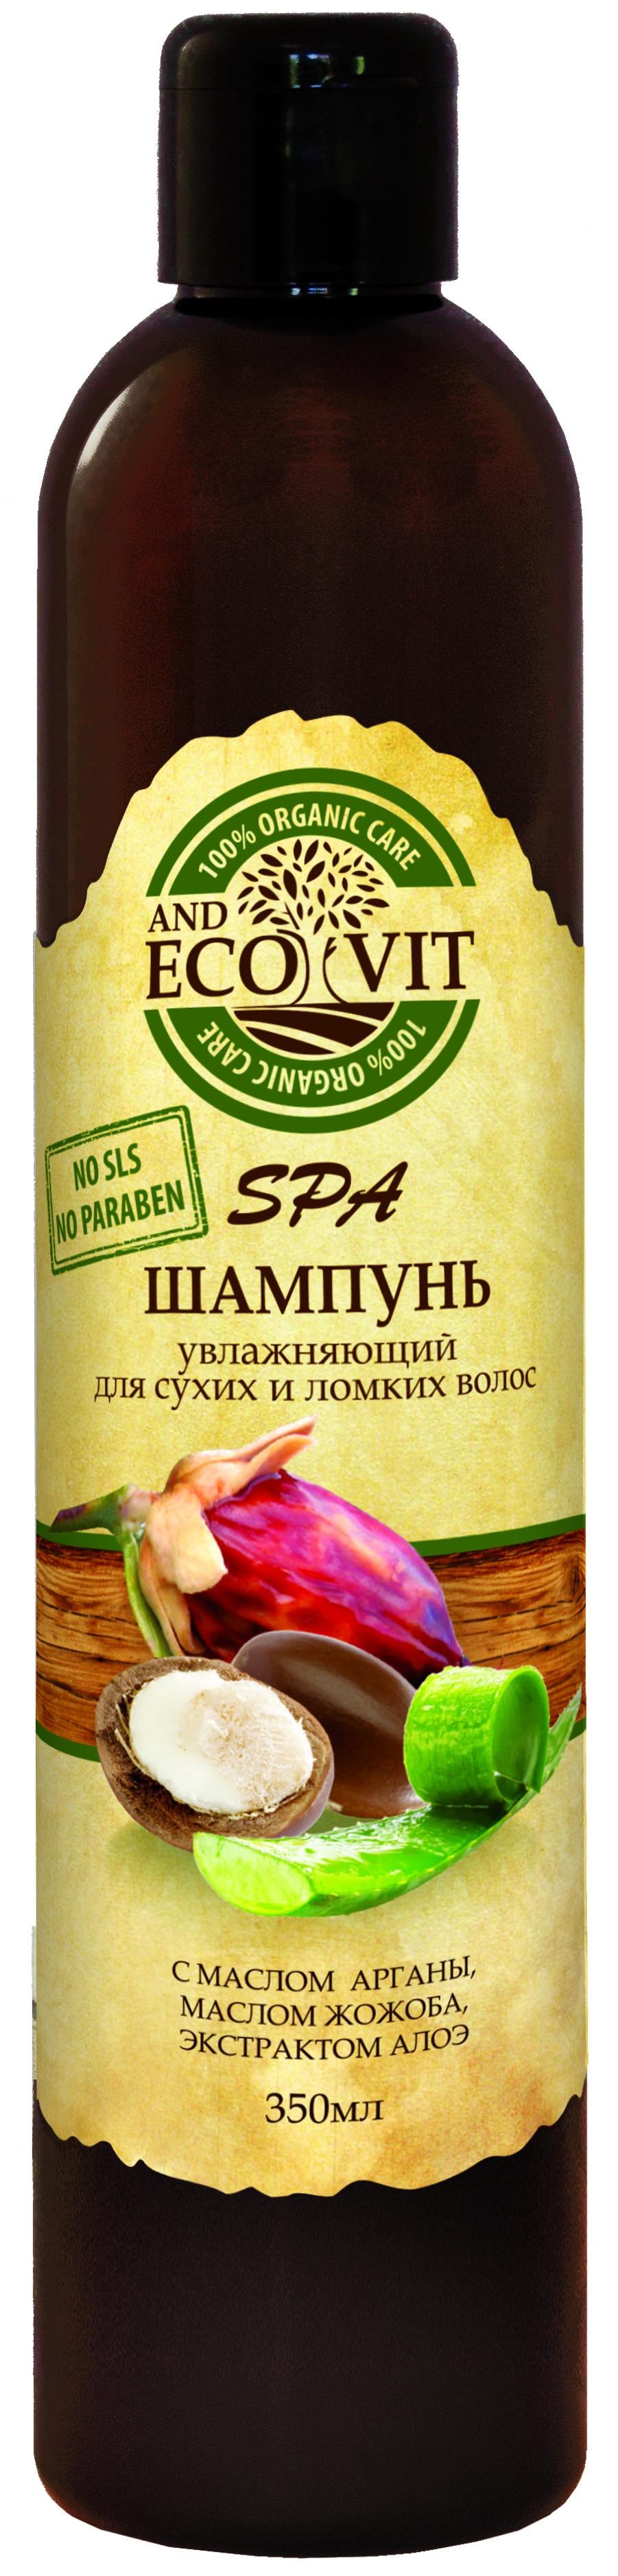 Шампунь для волос Eco&Vit Увлажняющий с маслом арганы, 38544491Шампунь для сухих и ломких волос Eco&Vit Увлажняющий с маслом арганы, маслом жожоба, экстрактом алоэ 350 мл. Масло арганы восстанавливает структуру тусклых и безжизненных волос, придает им здоровый блеск, мягкость и шелковистость.Масло жожоба дает живительную силу, питание и витамины, прекрасно очищает поры.Экстракт алоэ избавляет от секущихся кончиков, стимулирует обновление эпителия кожи.